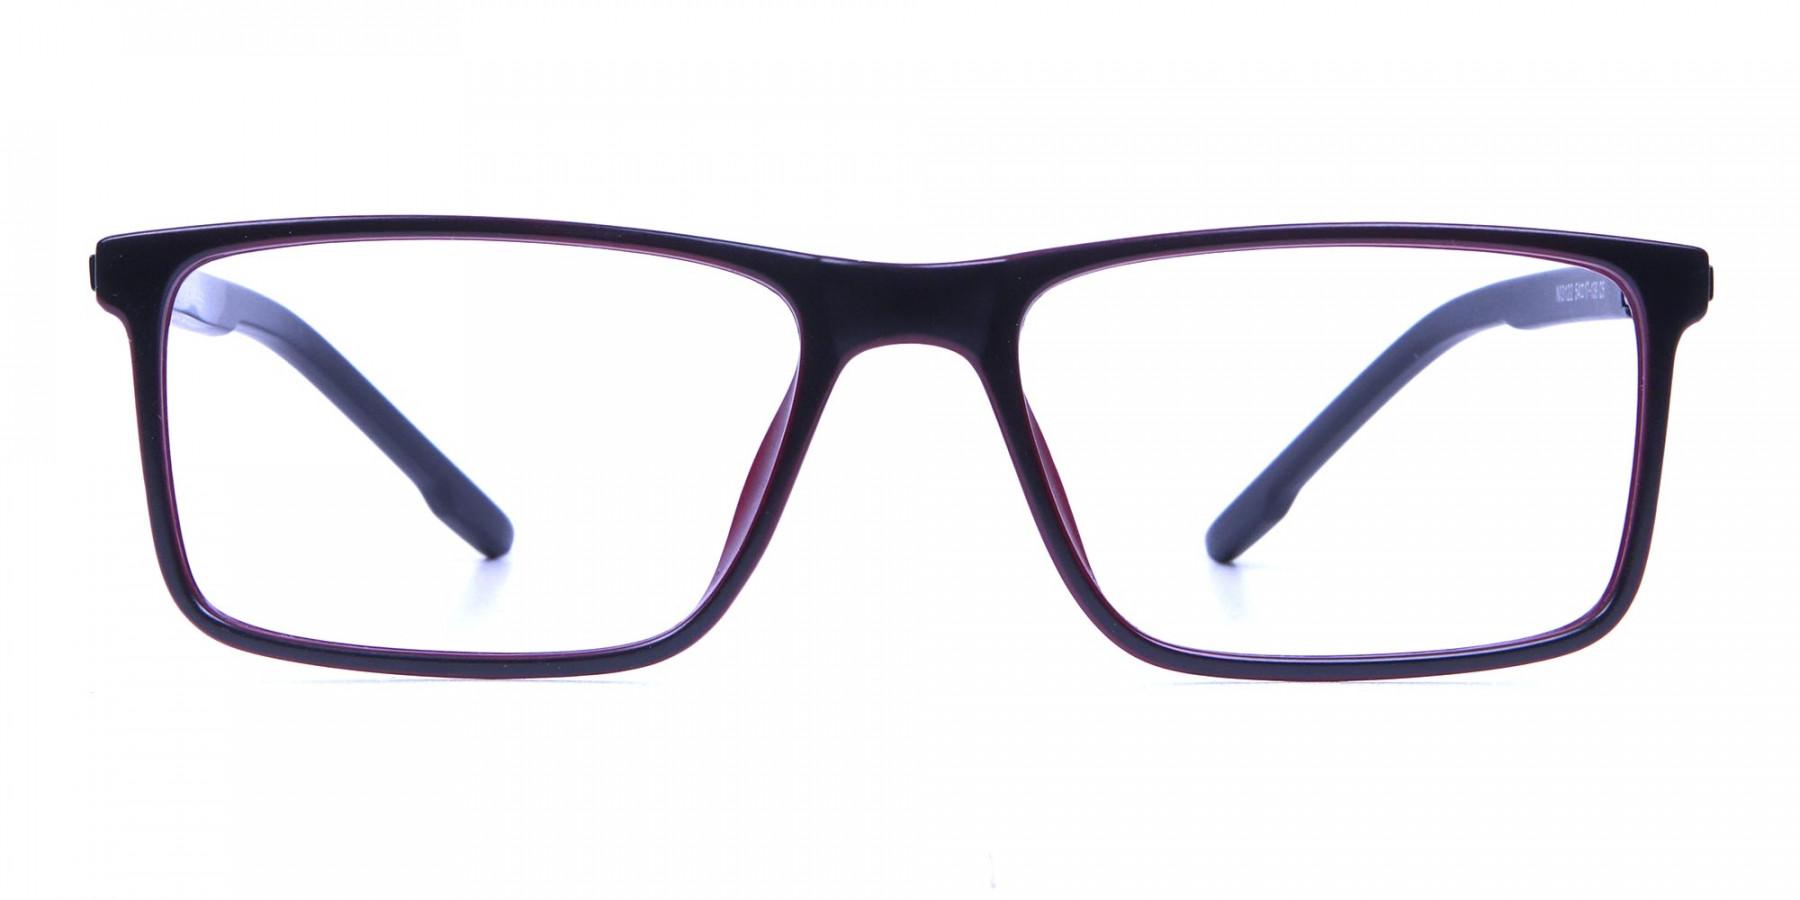 Black & Red Designer Glasses